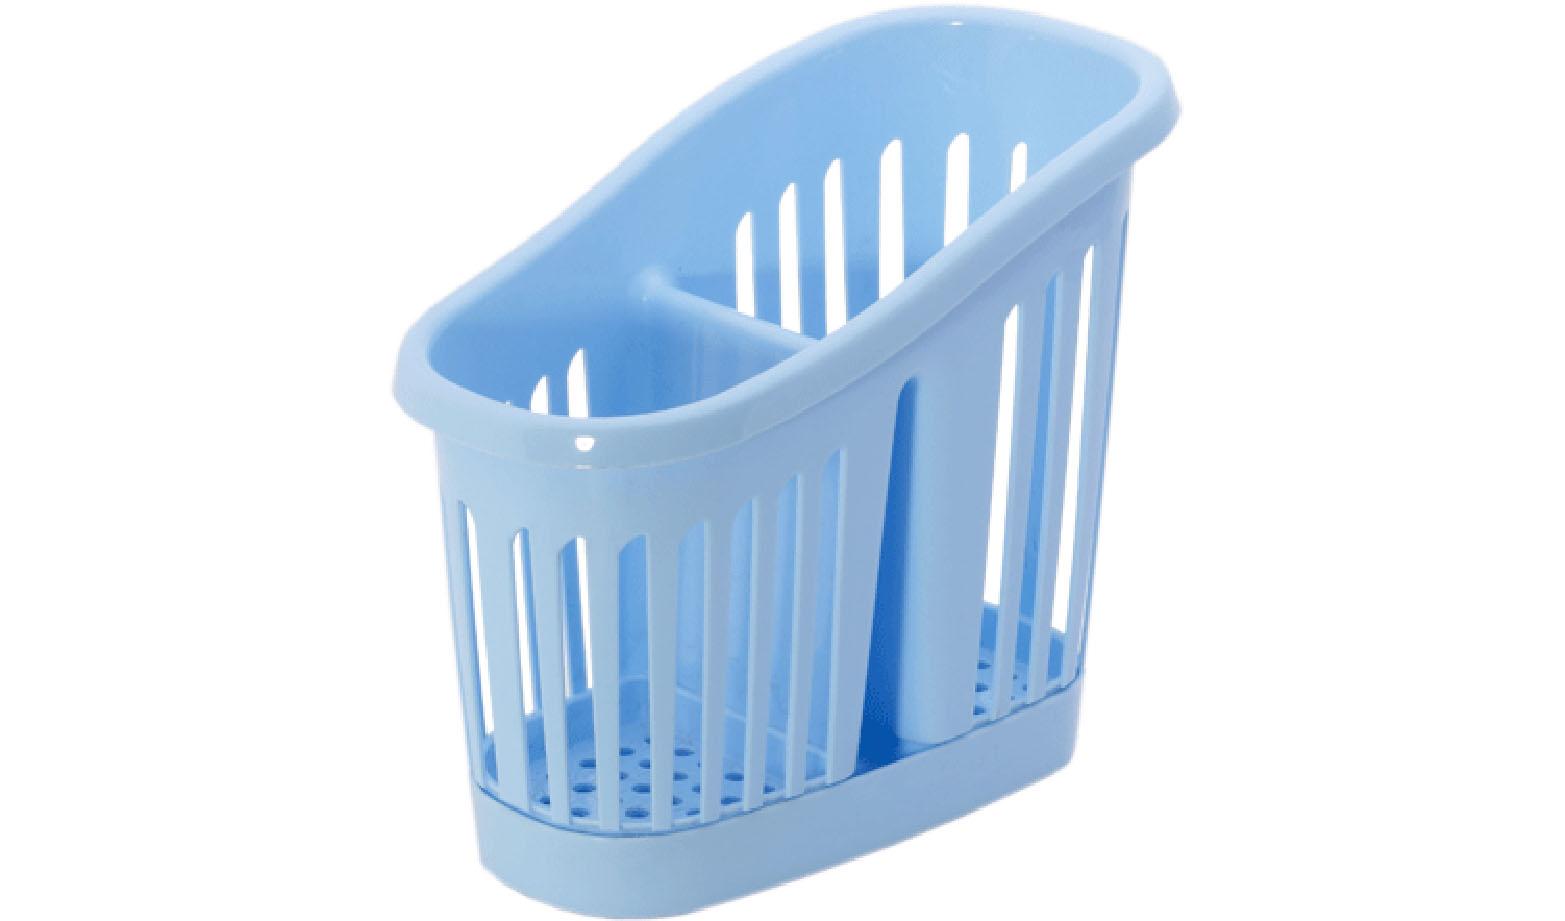 Подставка для столовых приборов Idea, цвет: голубой. М 1165VT-1520(SR)Подставка для столовых приборов Idea, выполненная из высококачественного пластика, станет полезным приобретением для вашей кухни. Подставка имеет два отделения для разных видов столовых приборов. Дно и стенки отделений имеет перфорацию для легкого стока жидкости, которую собирает поднос. Такая подставка поможет аккуратно рассортировать все столовые приборы и тем самым поддерживать порядок на кухне.